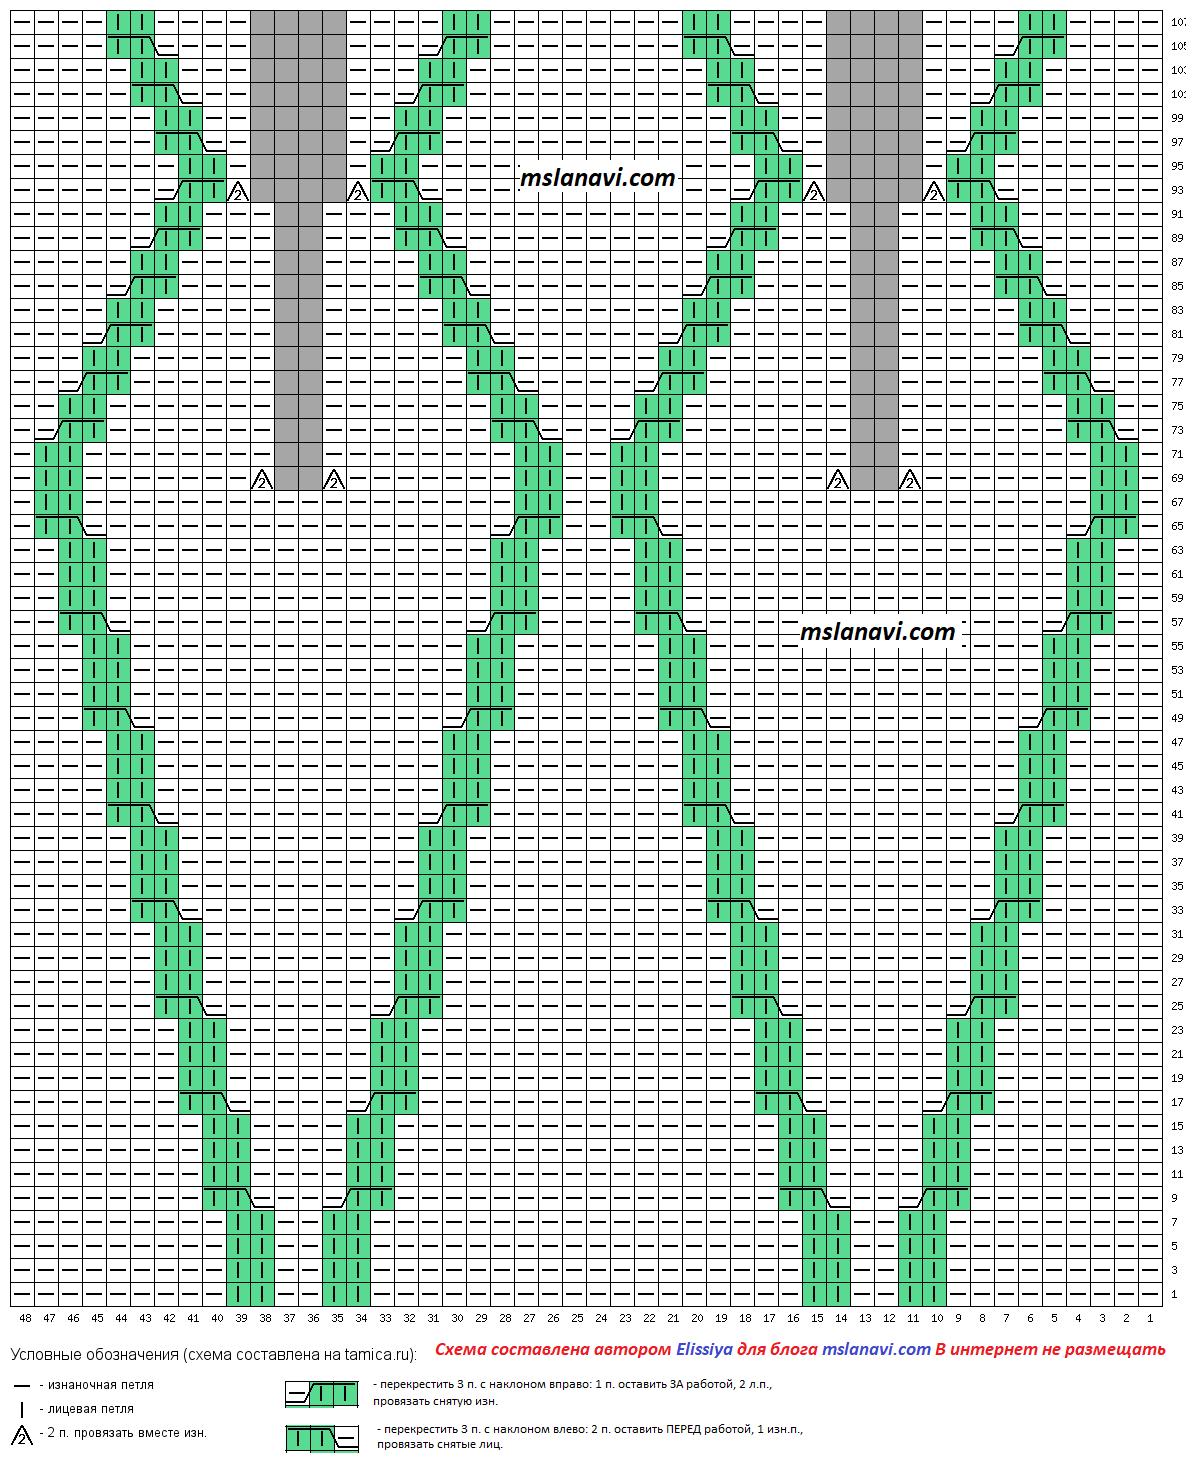 Сарафан для вязания спицами от Dsquared2